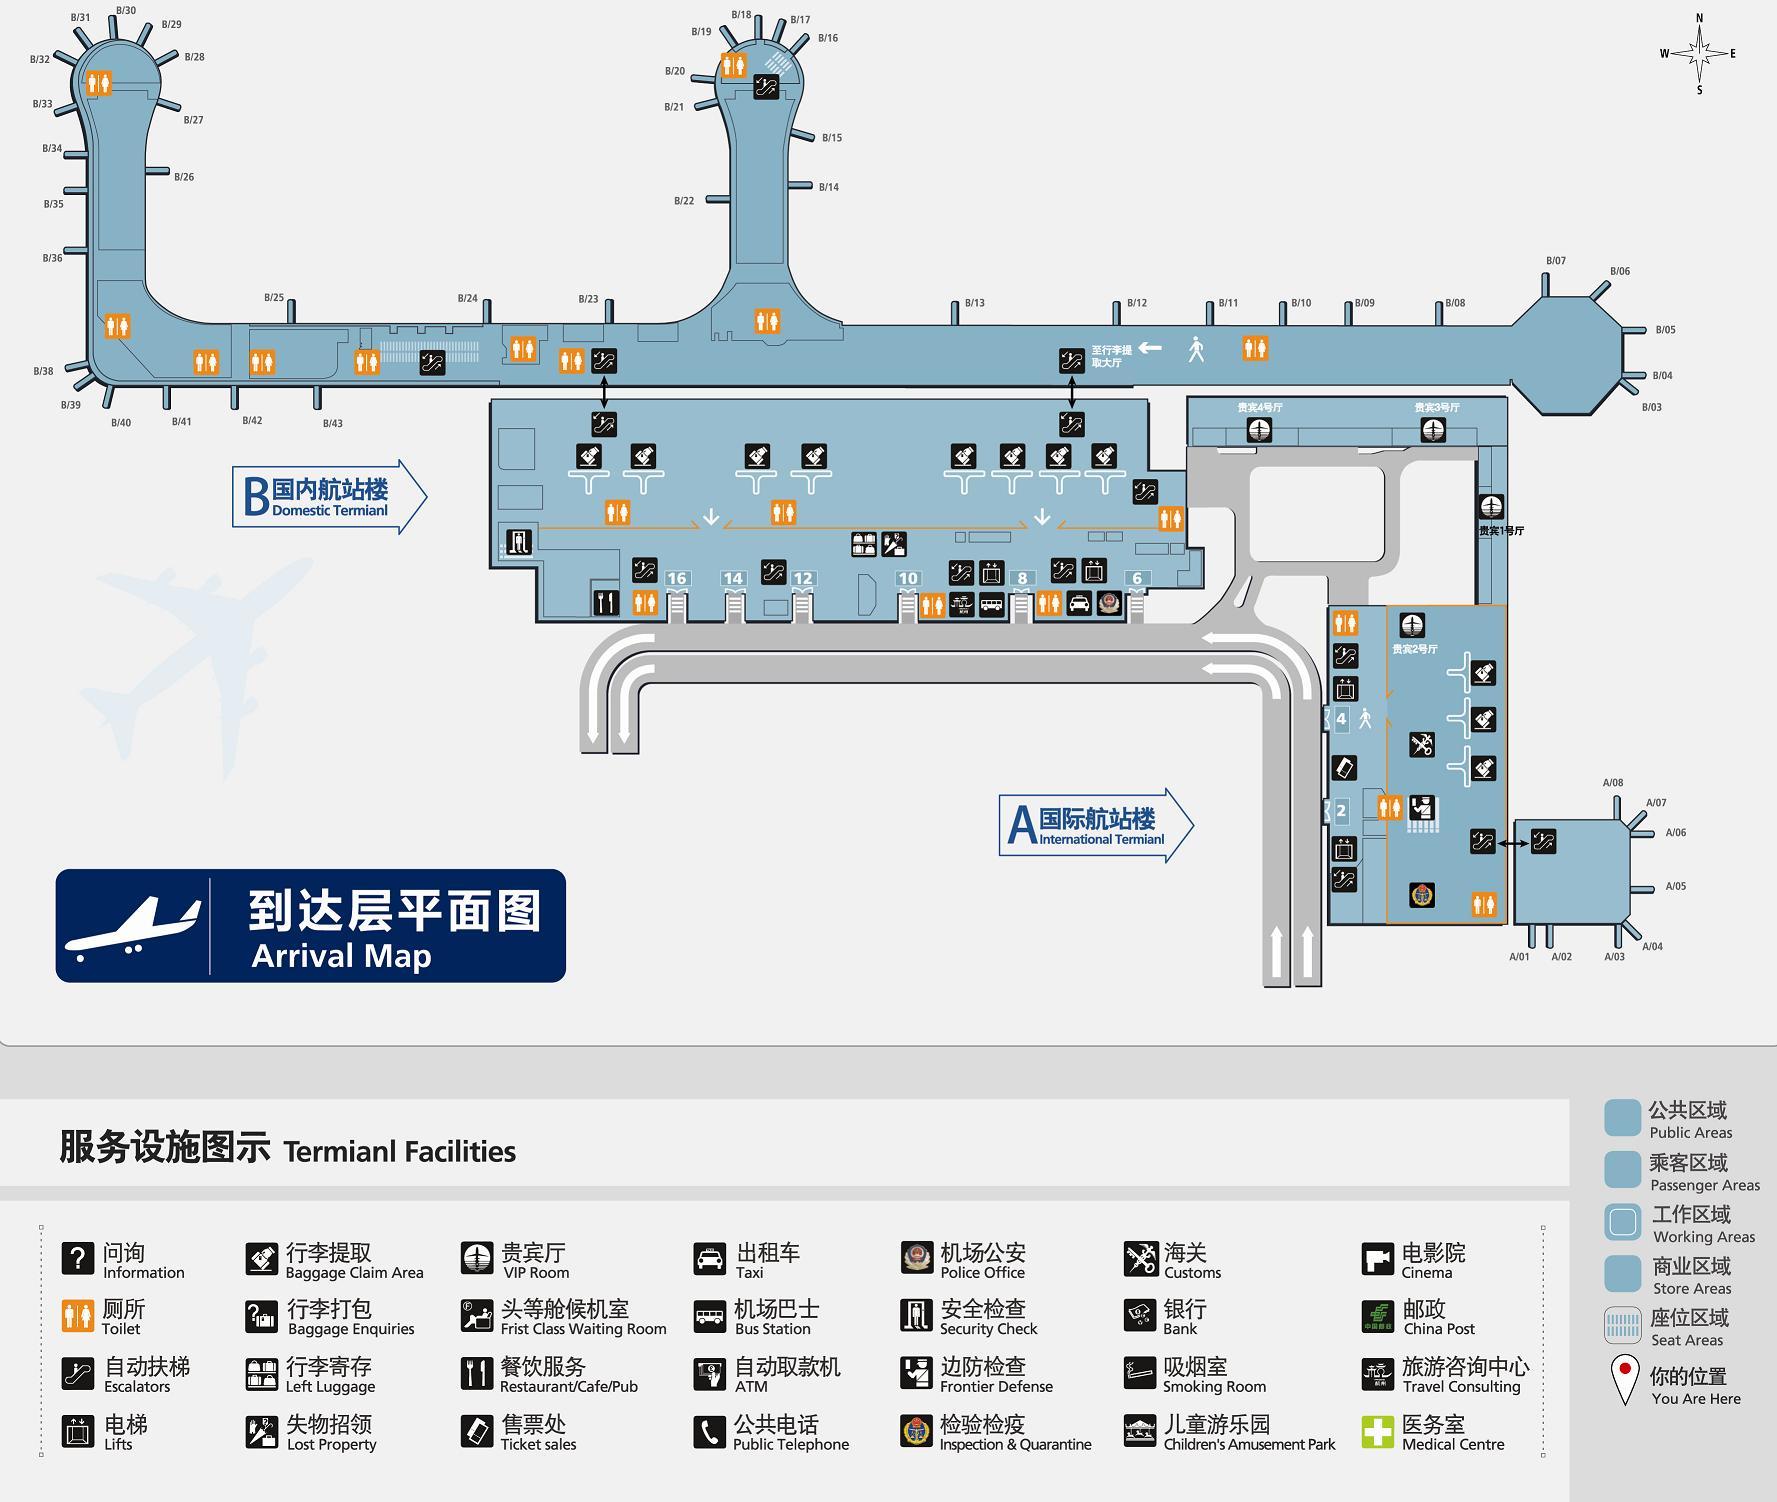 萧山机场有几个航站楼